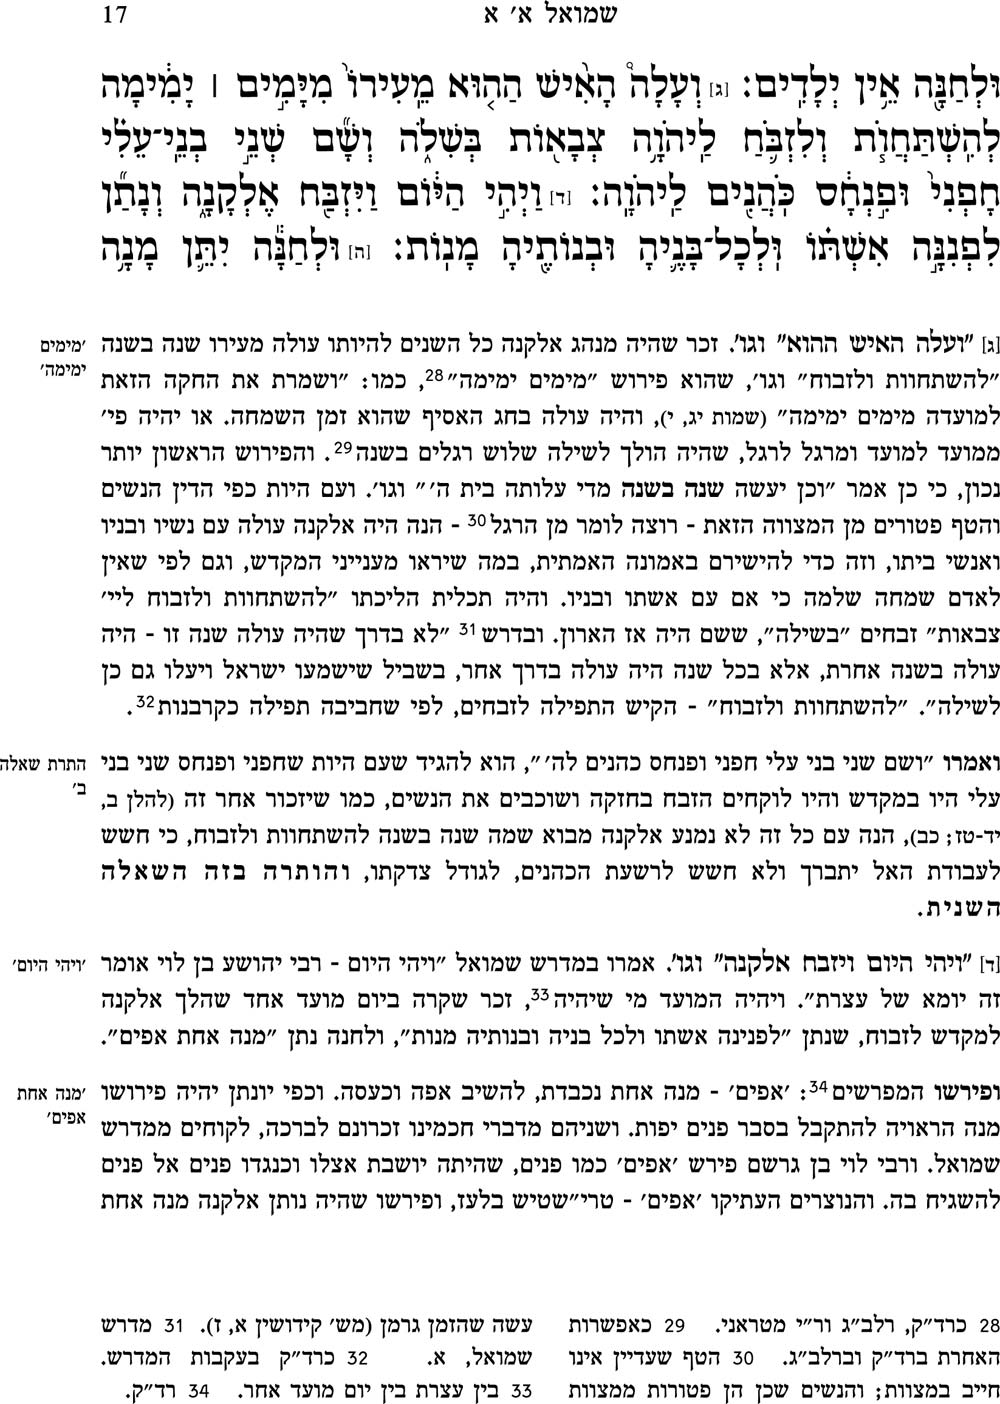 פירוש אברבנאל על ספר שמואל